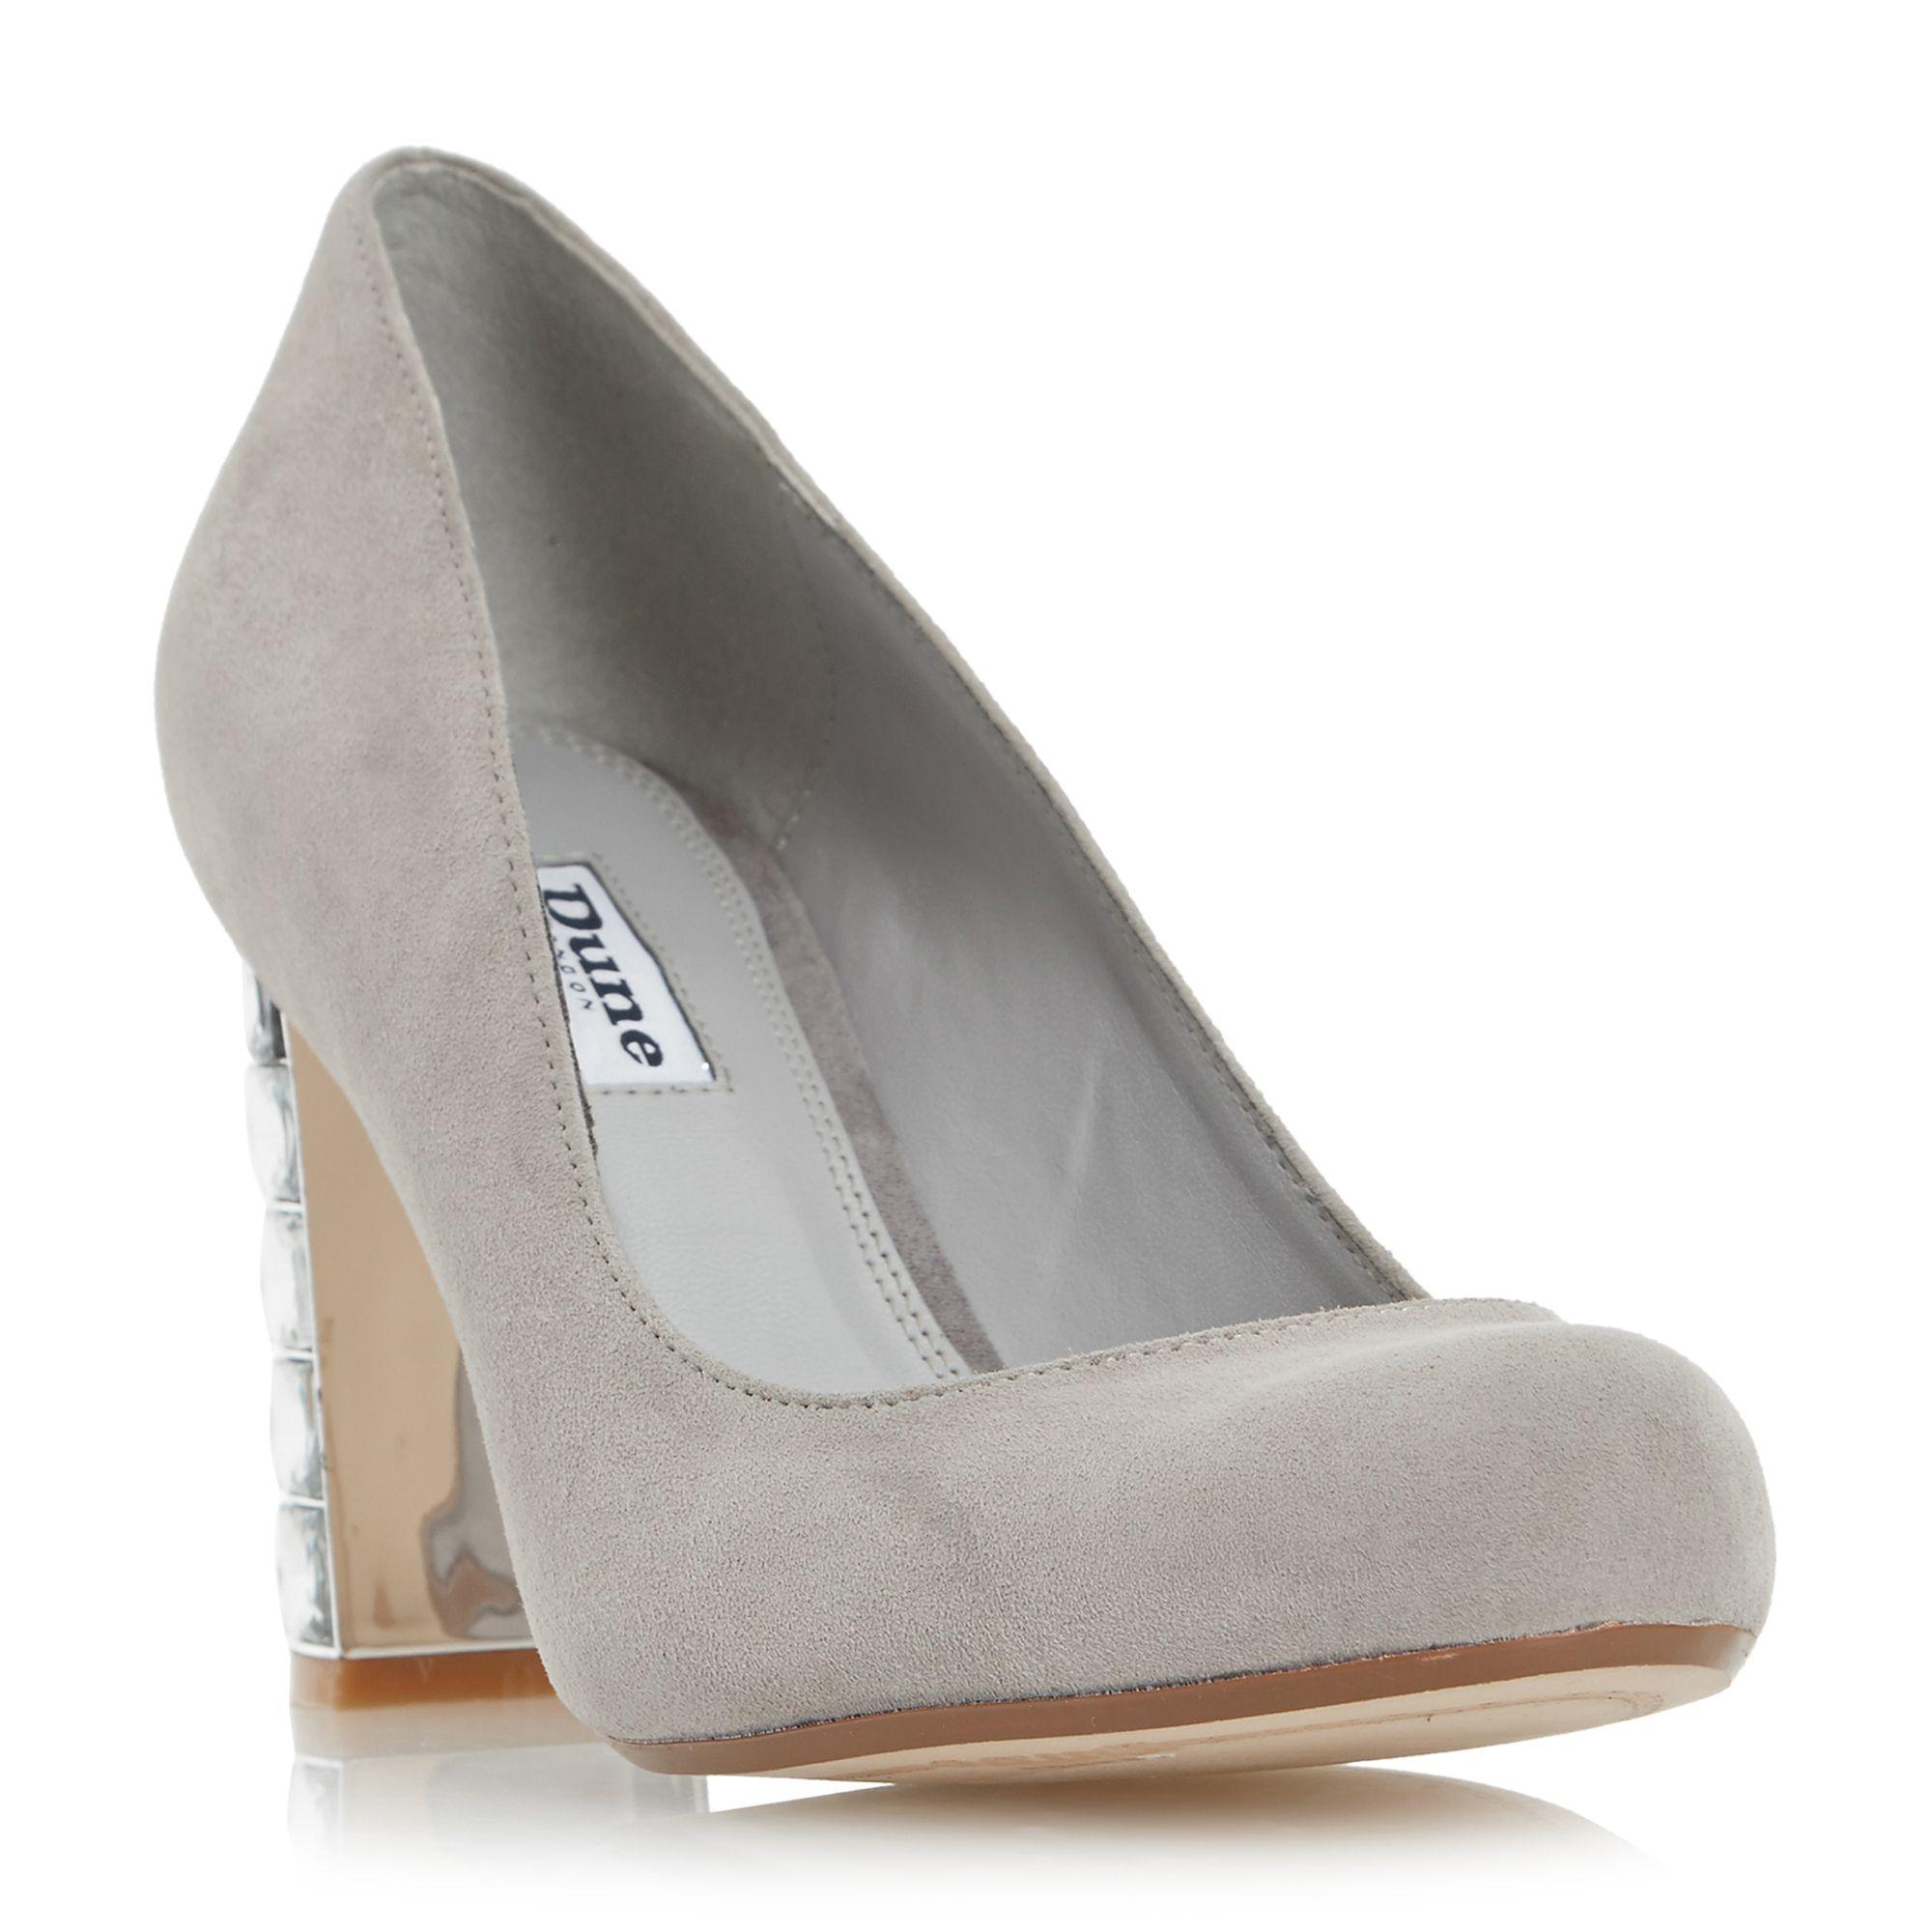 Black Designer Court Shoe With High Block Heel